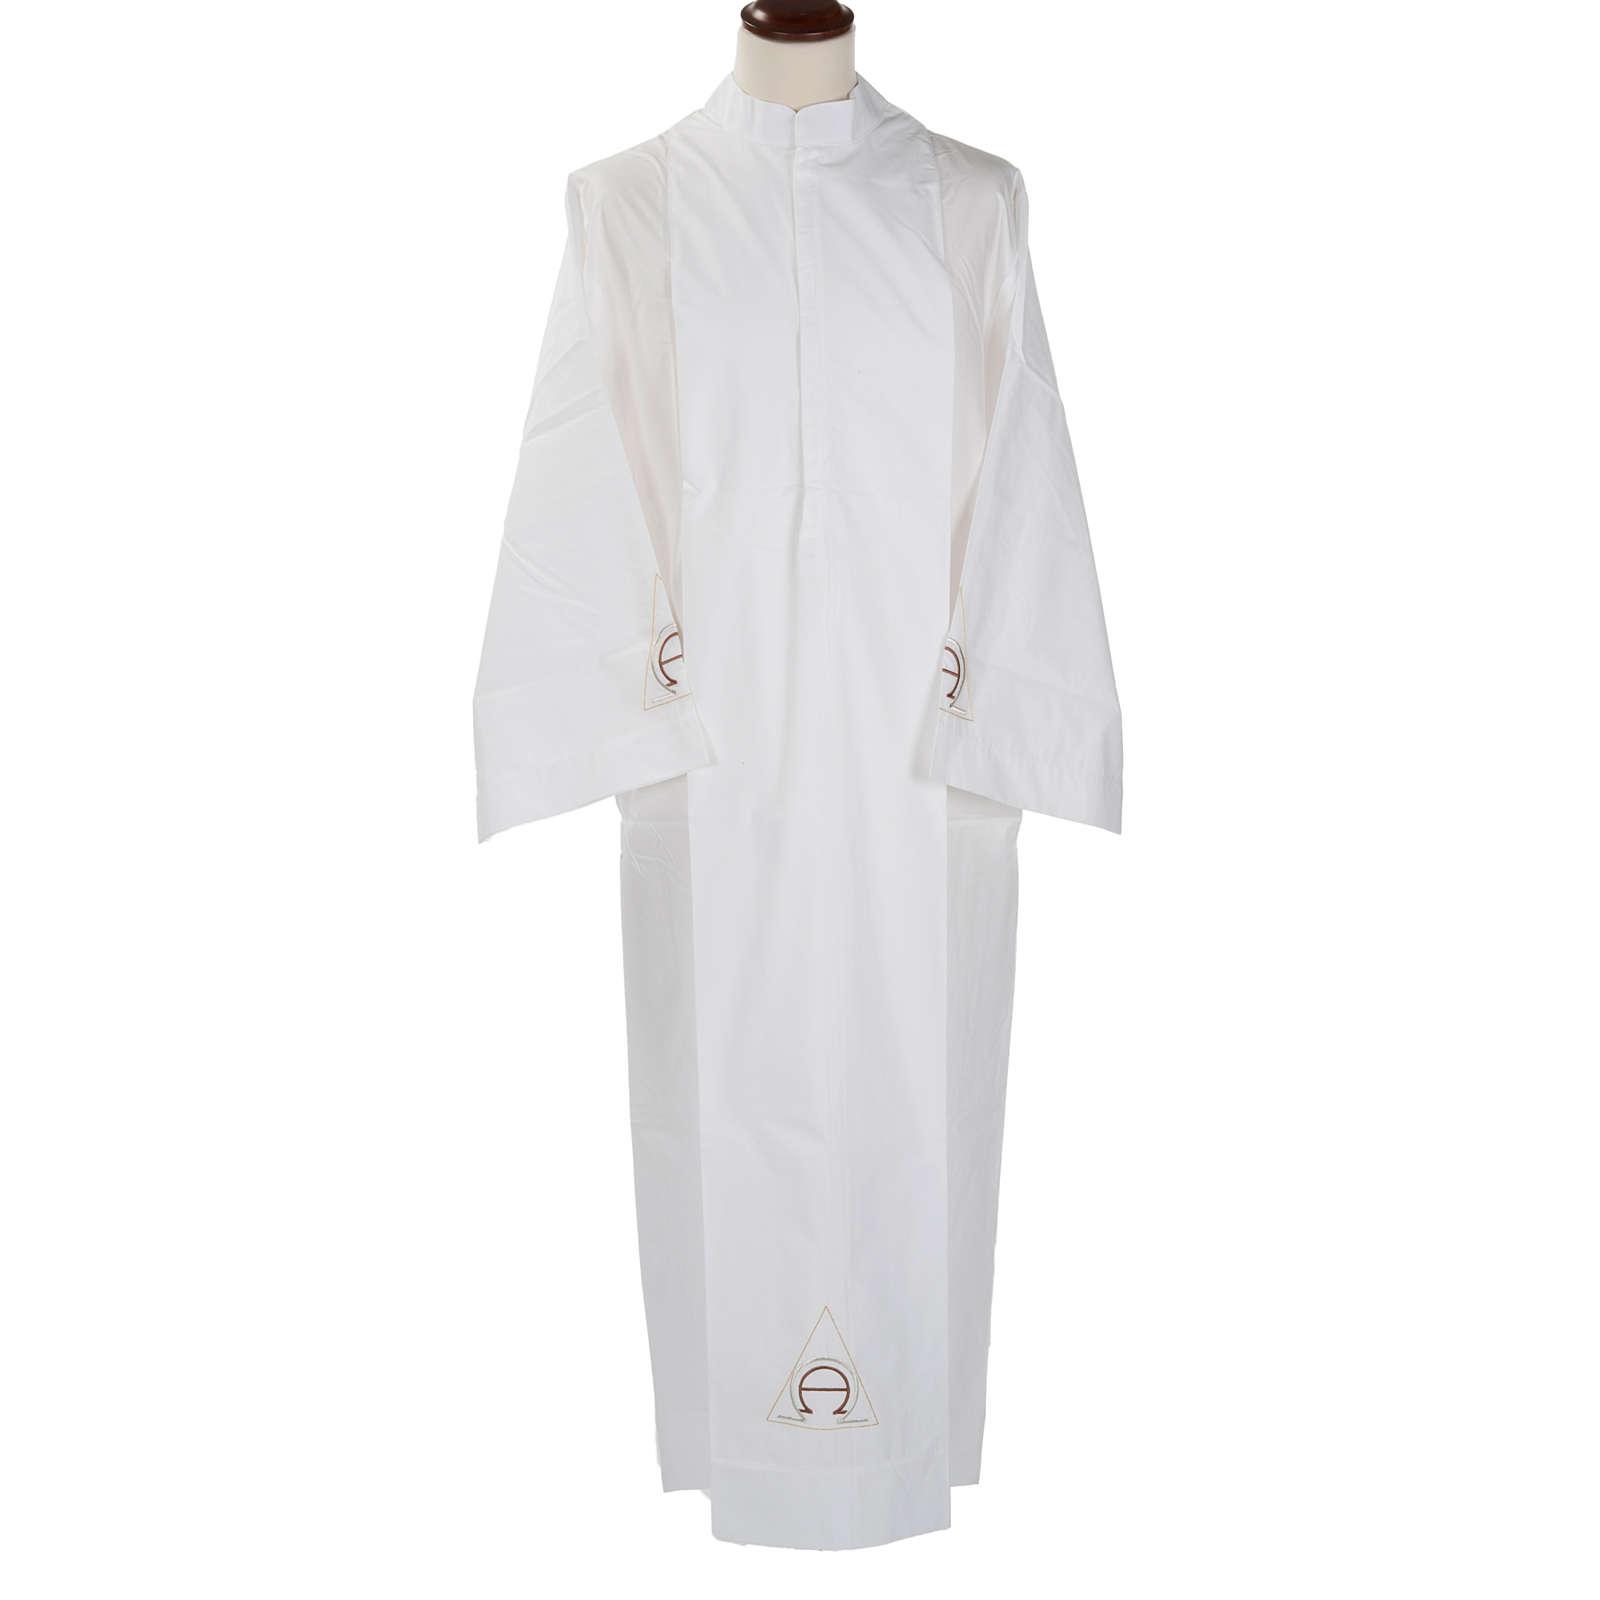 Camice bianco lana alfa e omega 4